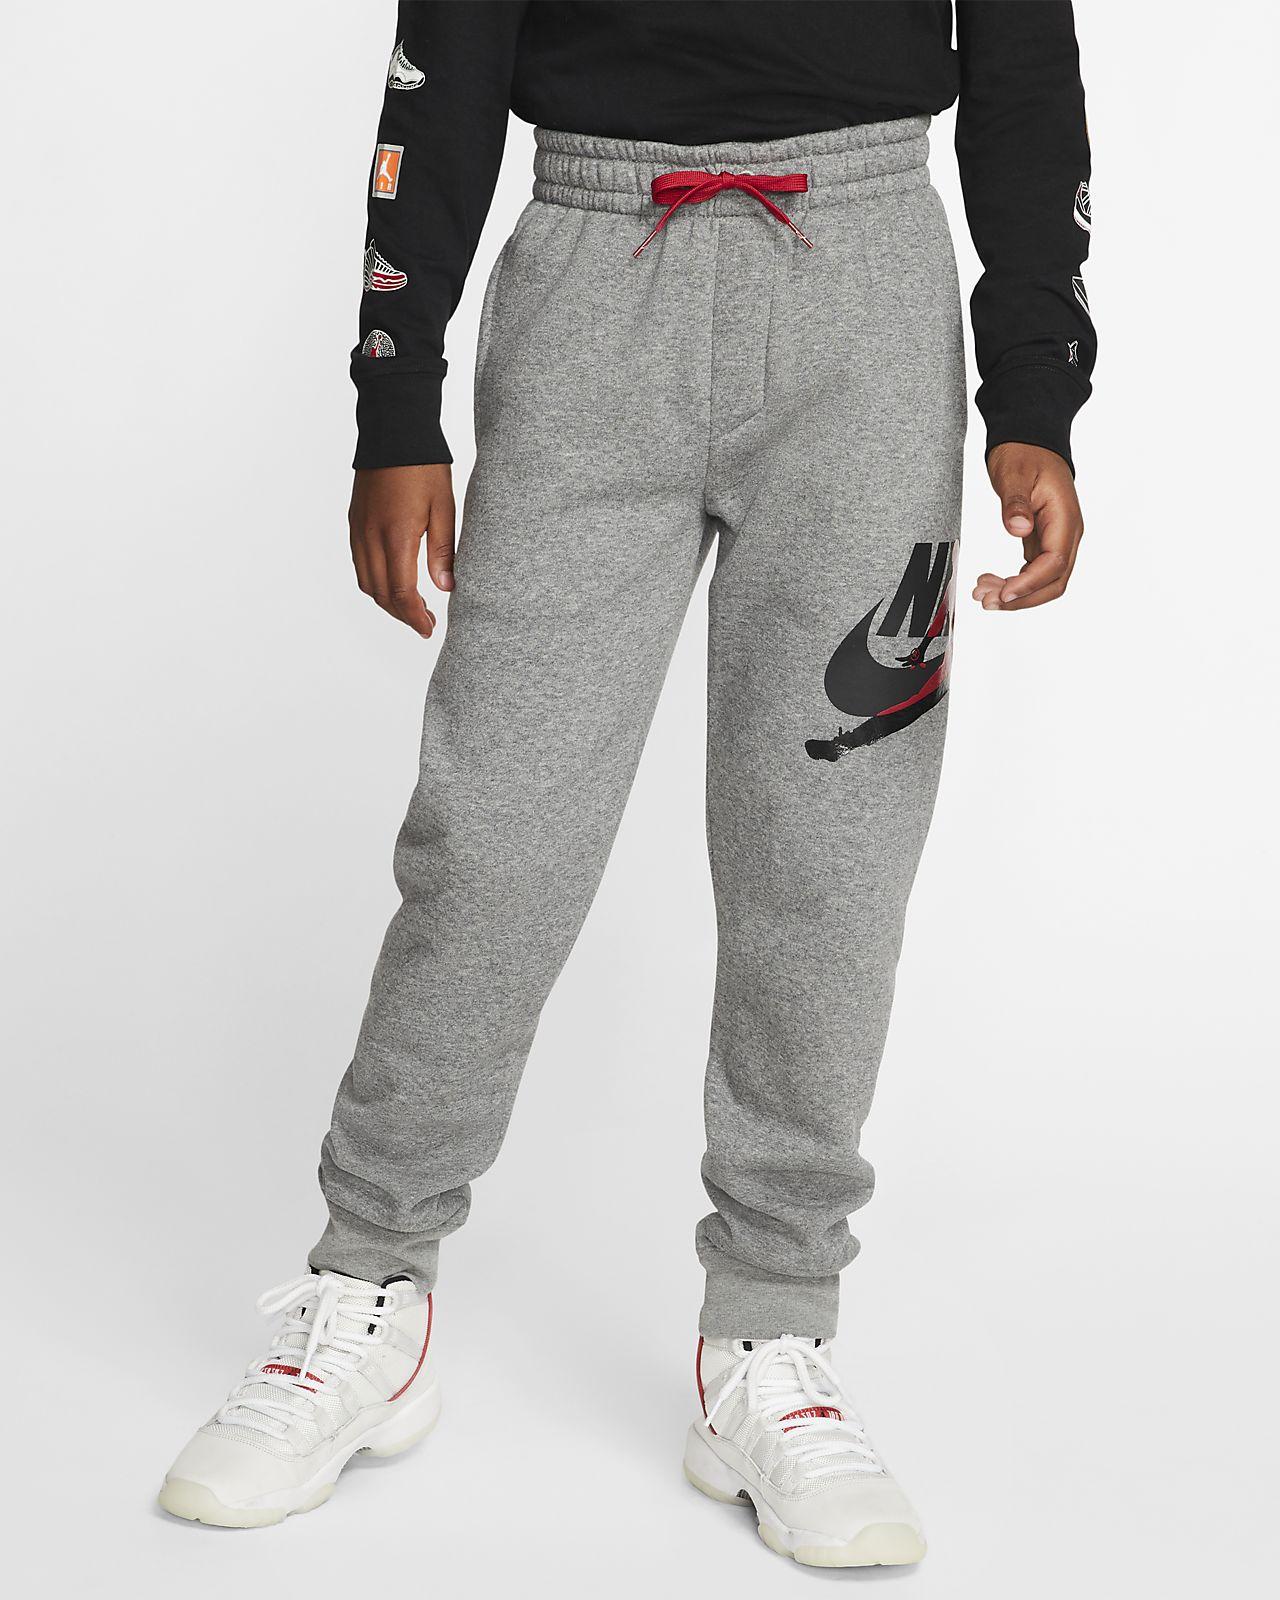 Calças de jogging de lã cardada Nike Sportswear para mulher